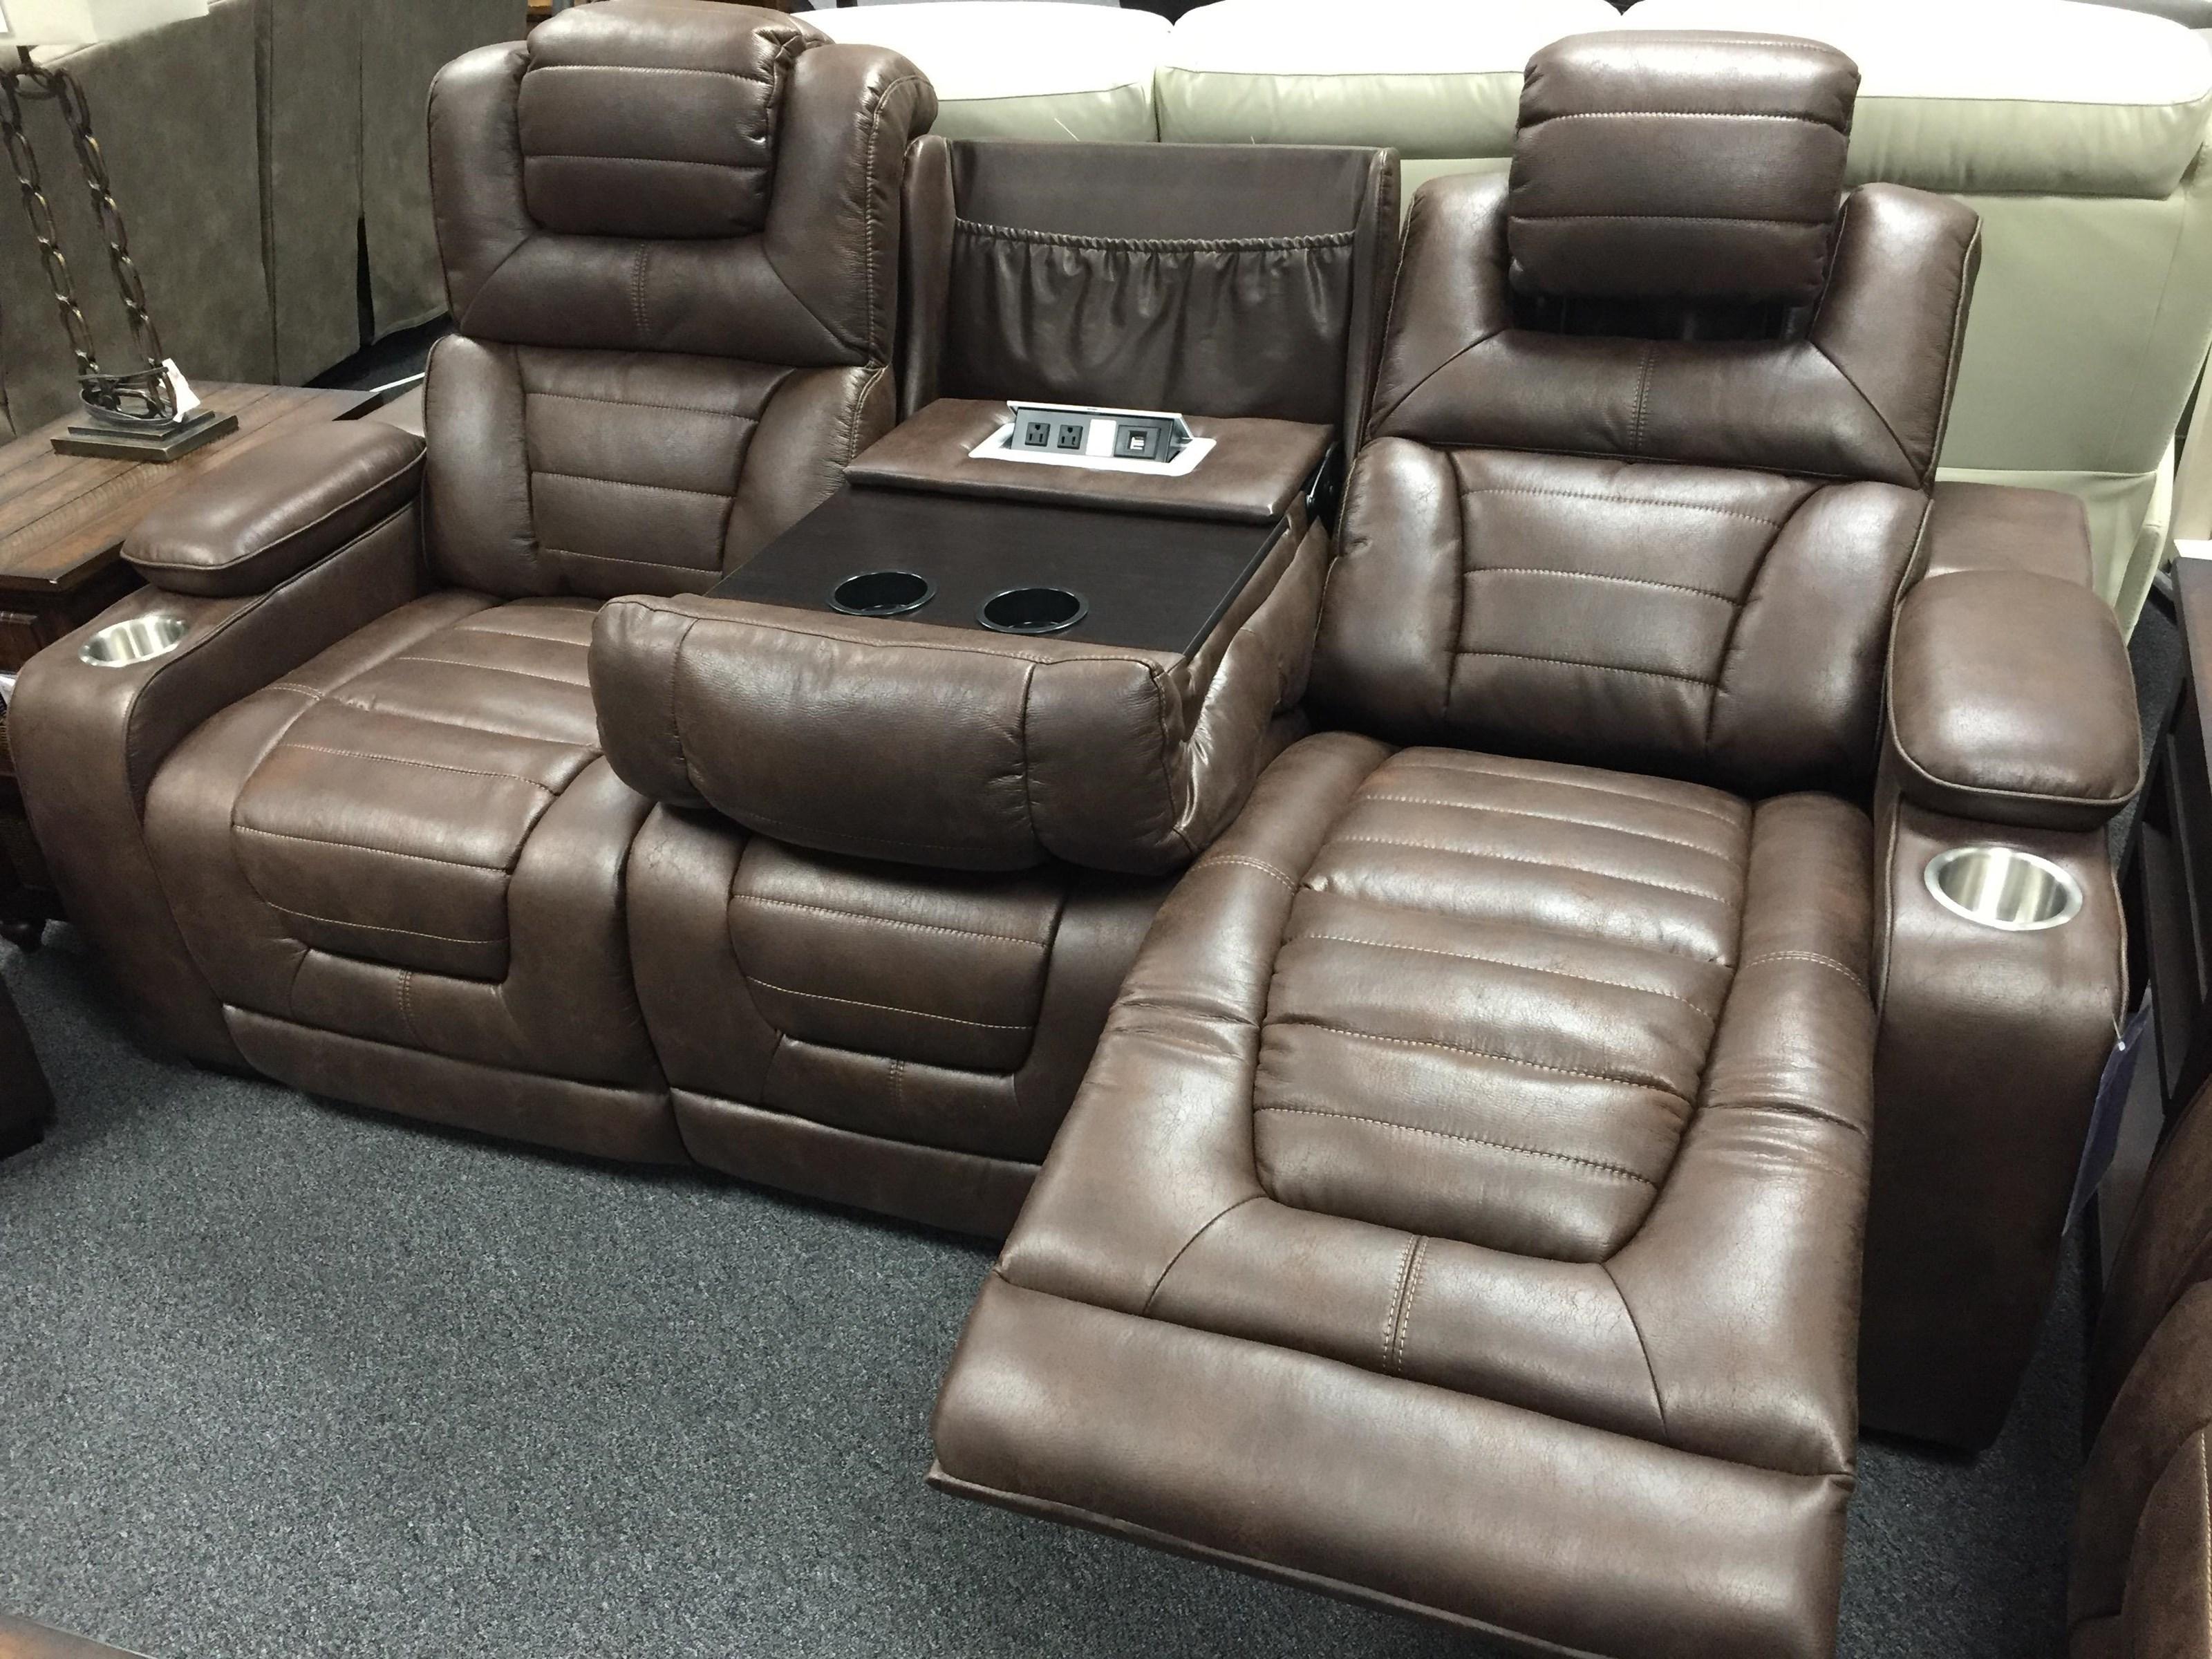 Corinthian 73901 73901 39hr Power Headrest Recline Sofa